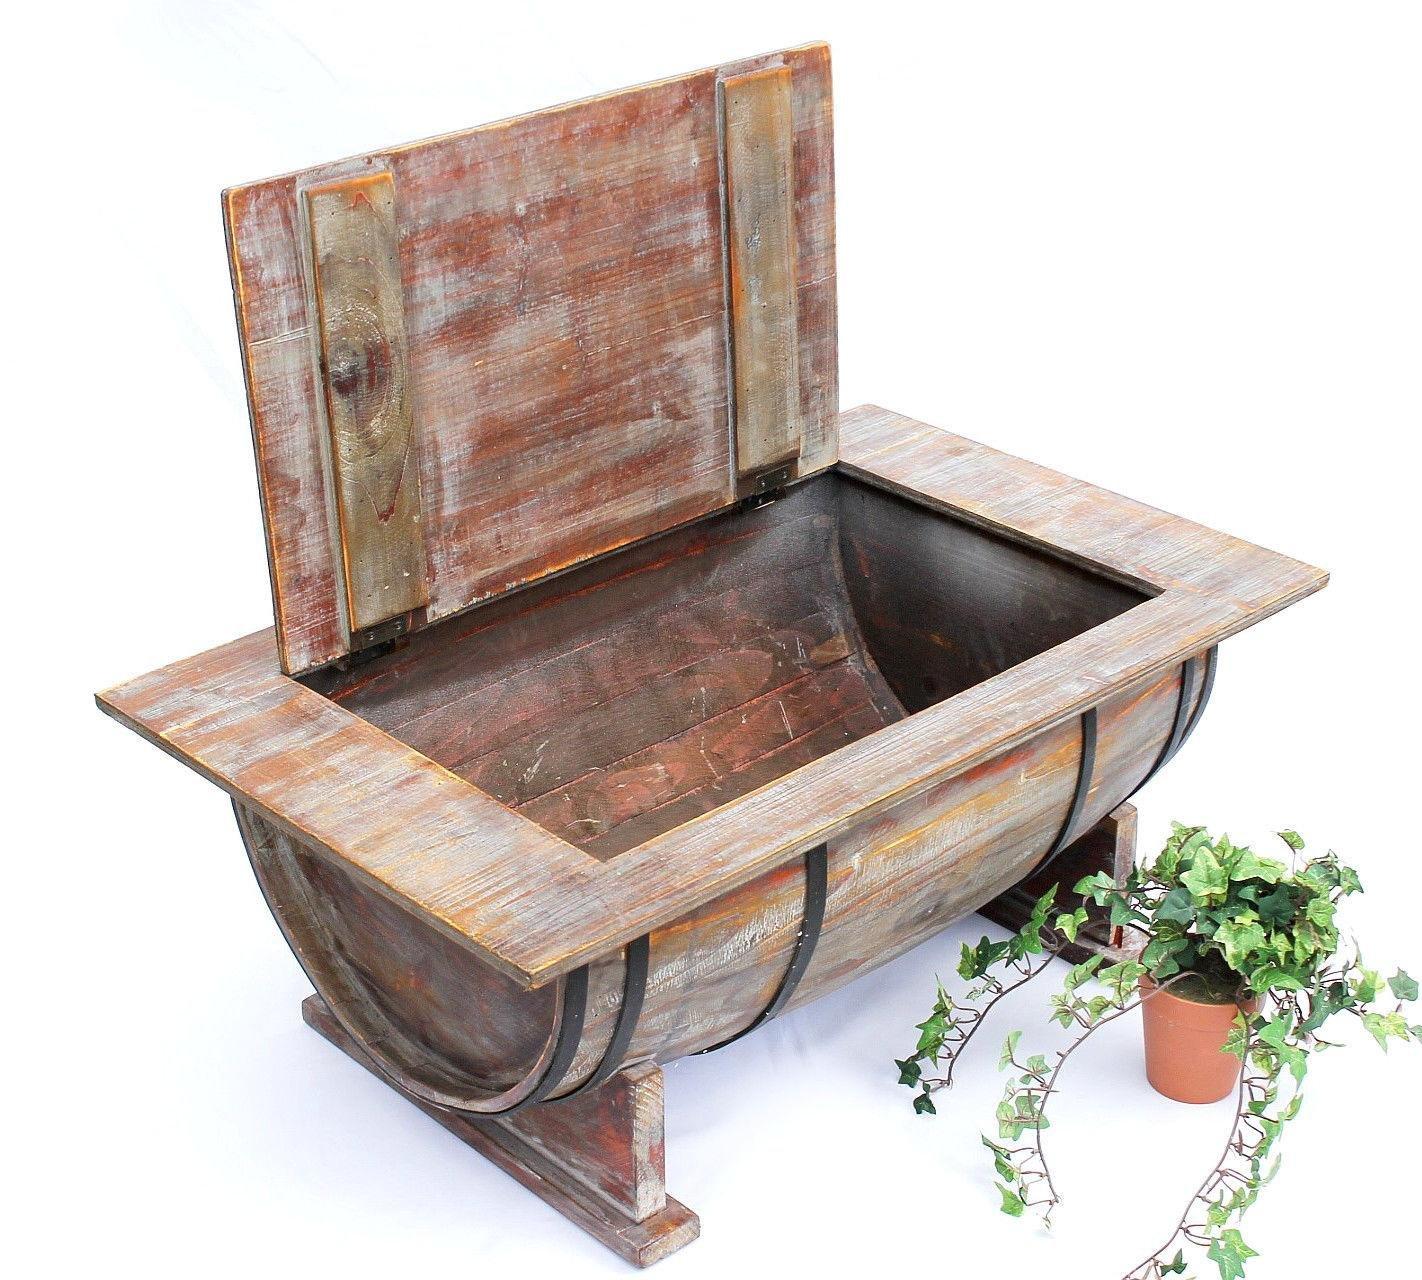 DanDiBo Couchtisch Weinfass 5084 Tisch Aus Holz Weinregal 80 Cm Beistelltisch Wein Bar Amazonde Kche Haushalt